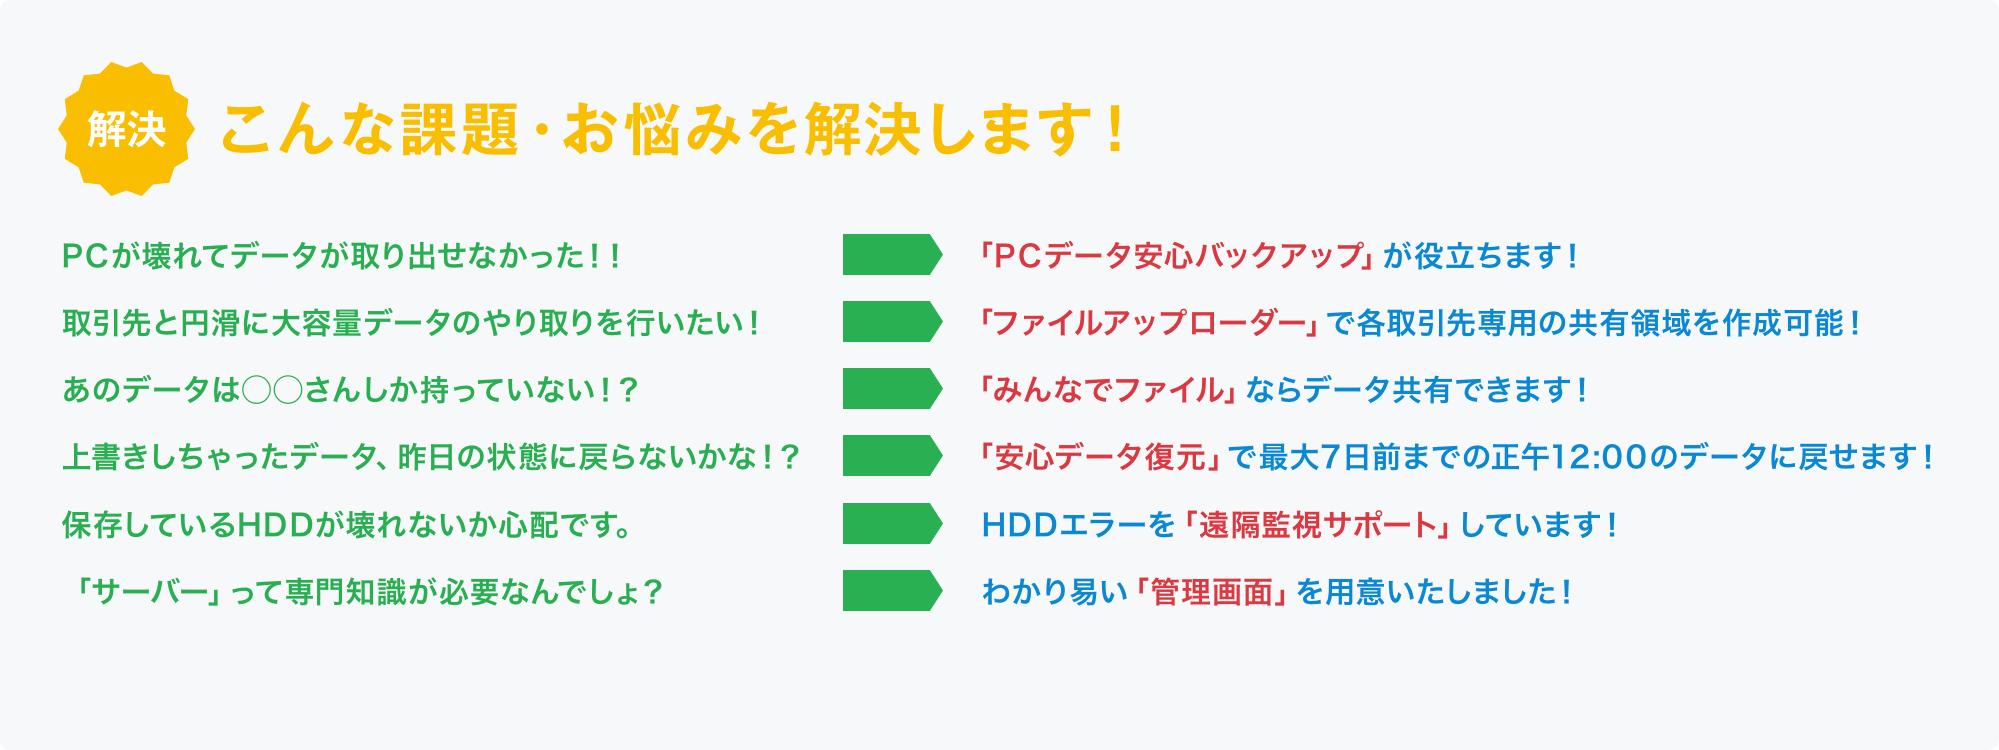 リステックサーバーの特徴